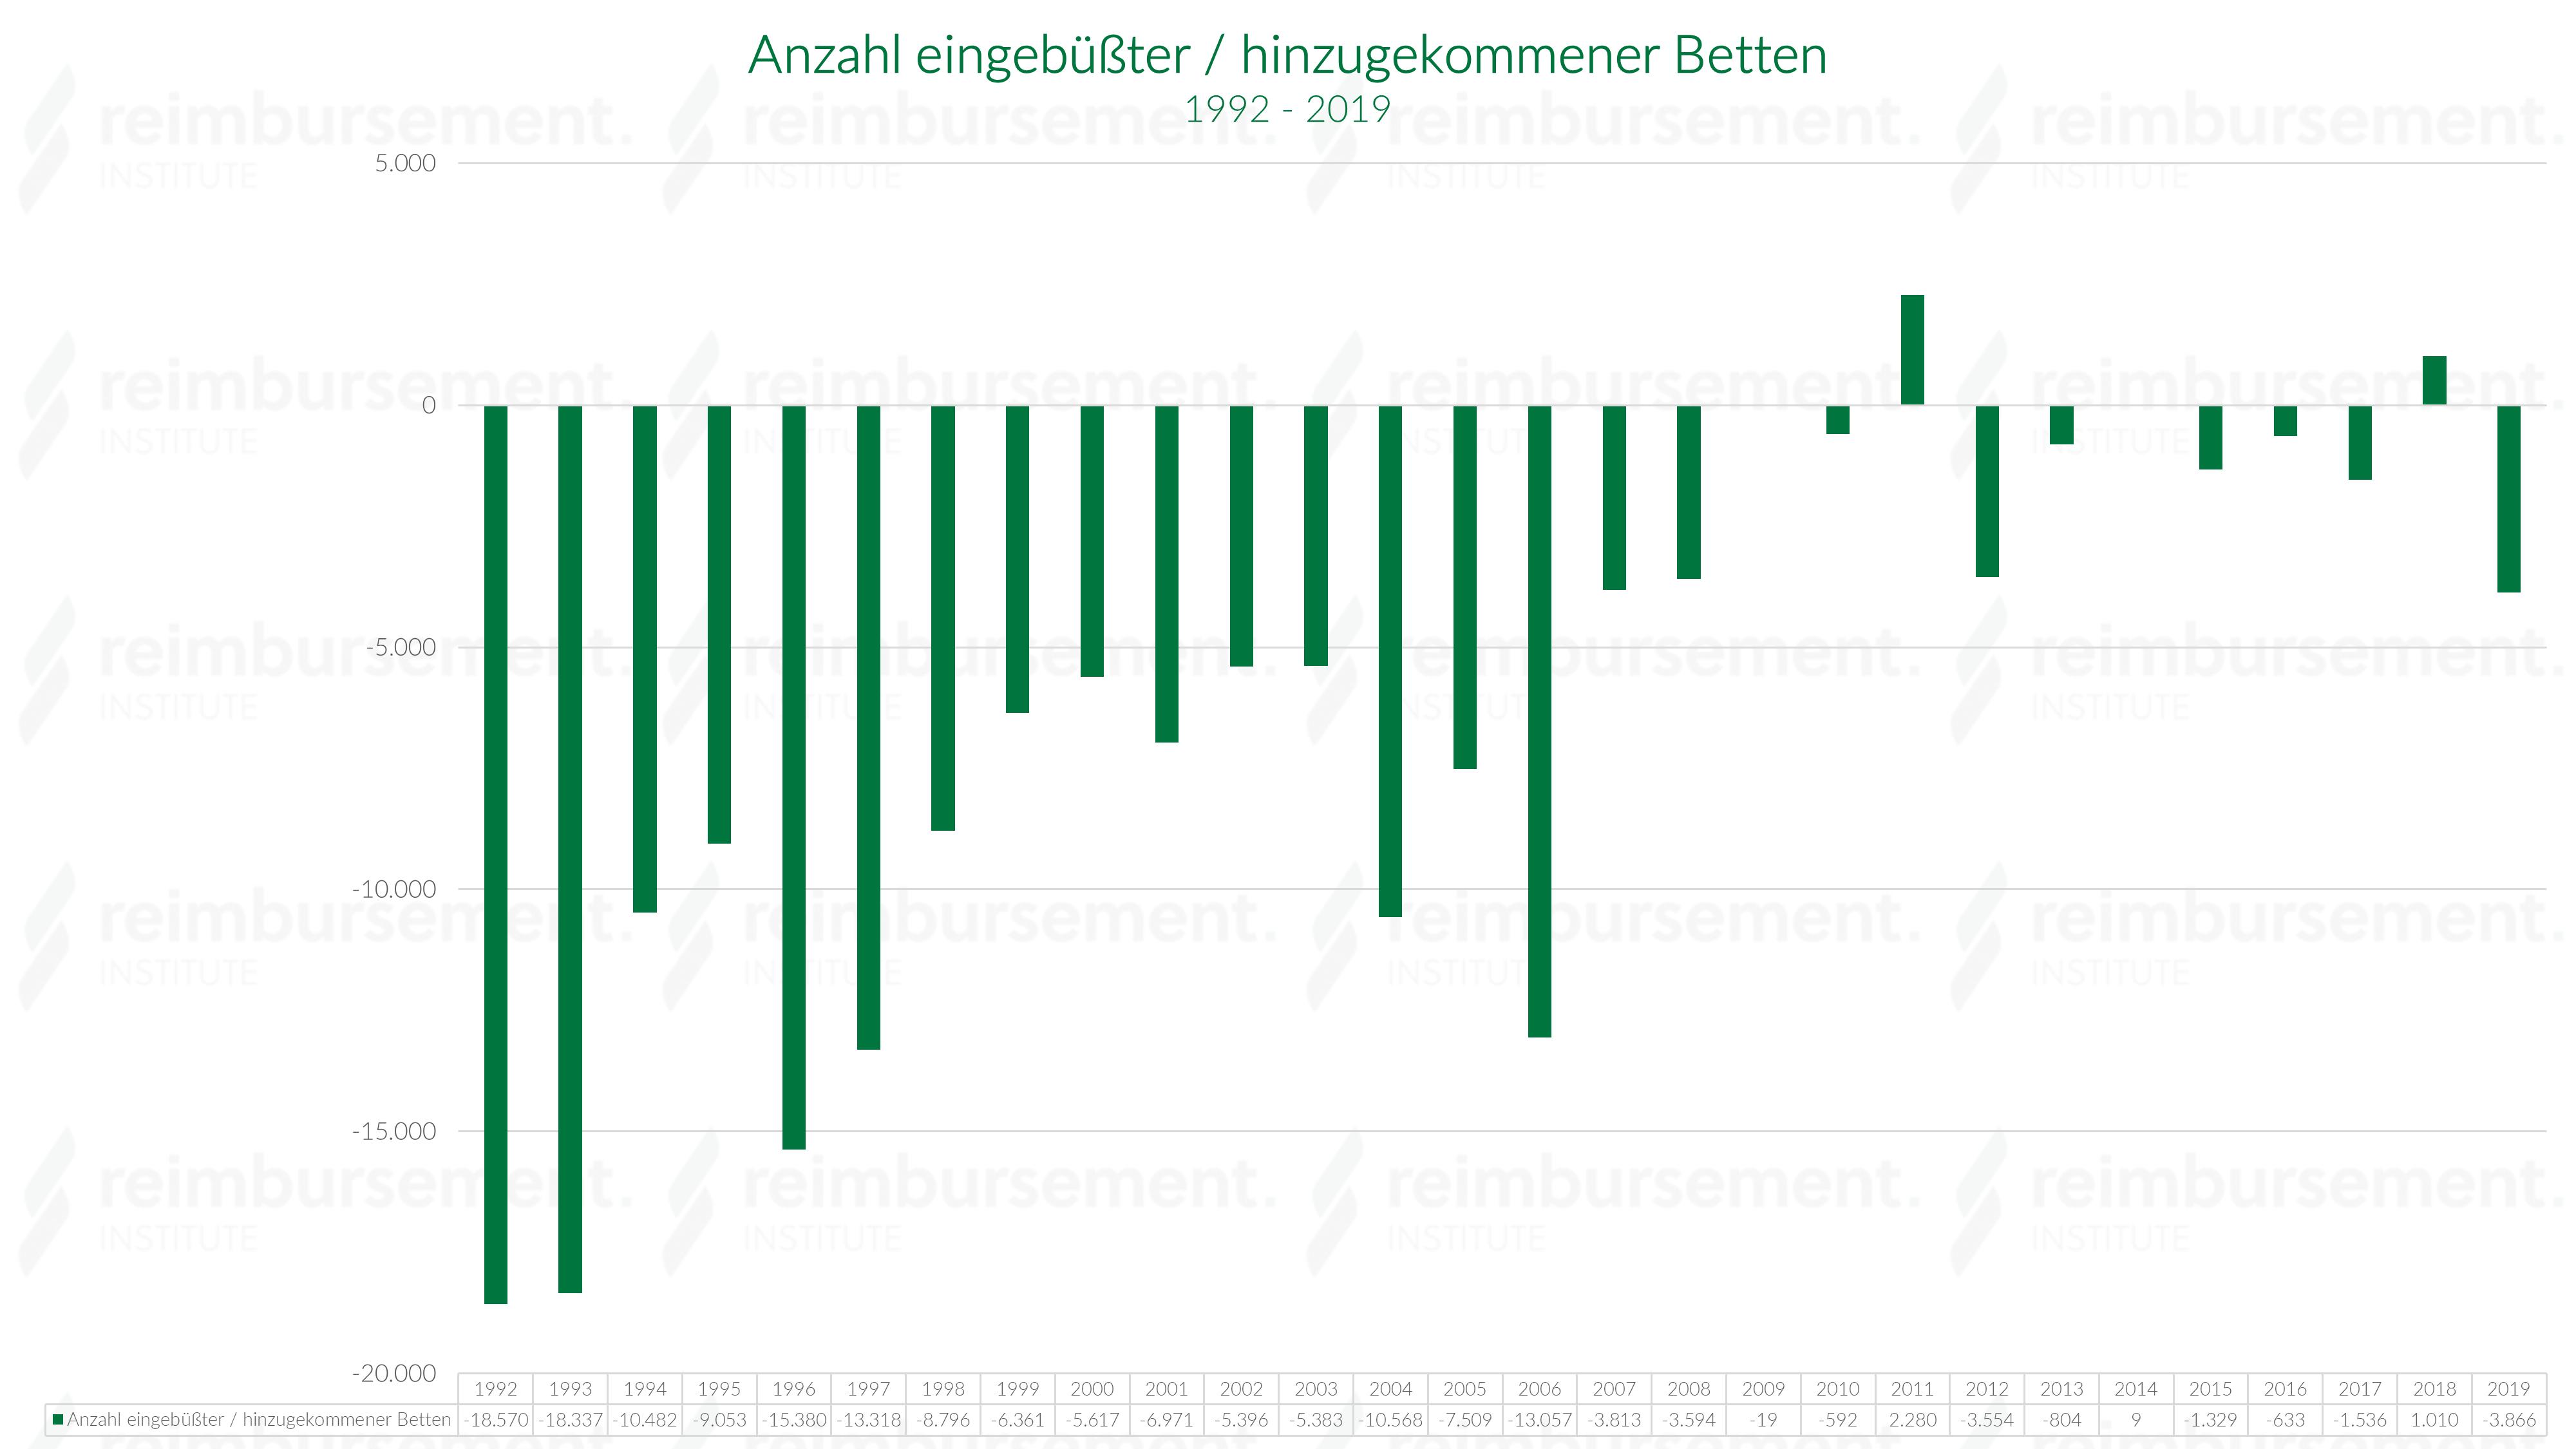 Krankenhausbettenanzahl der eingebüßten und hinzugekommenen Betten im Jahresverlauf - 1992 bis 2018